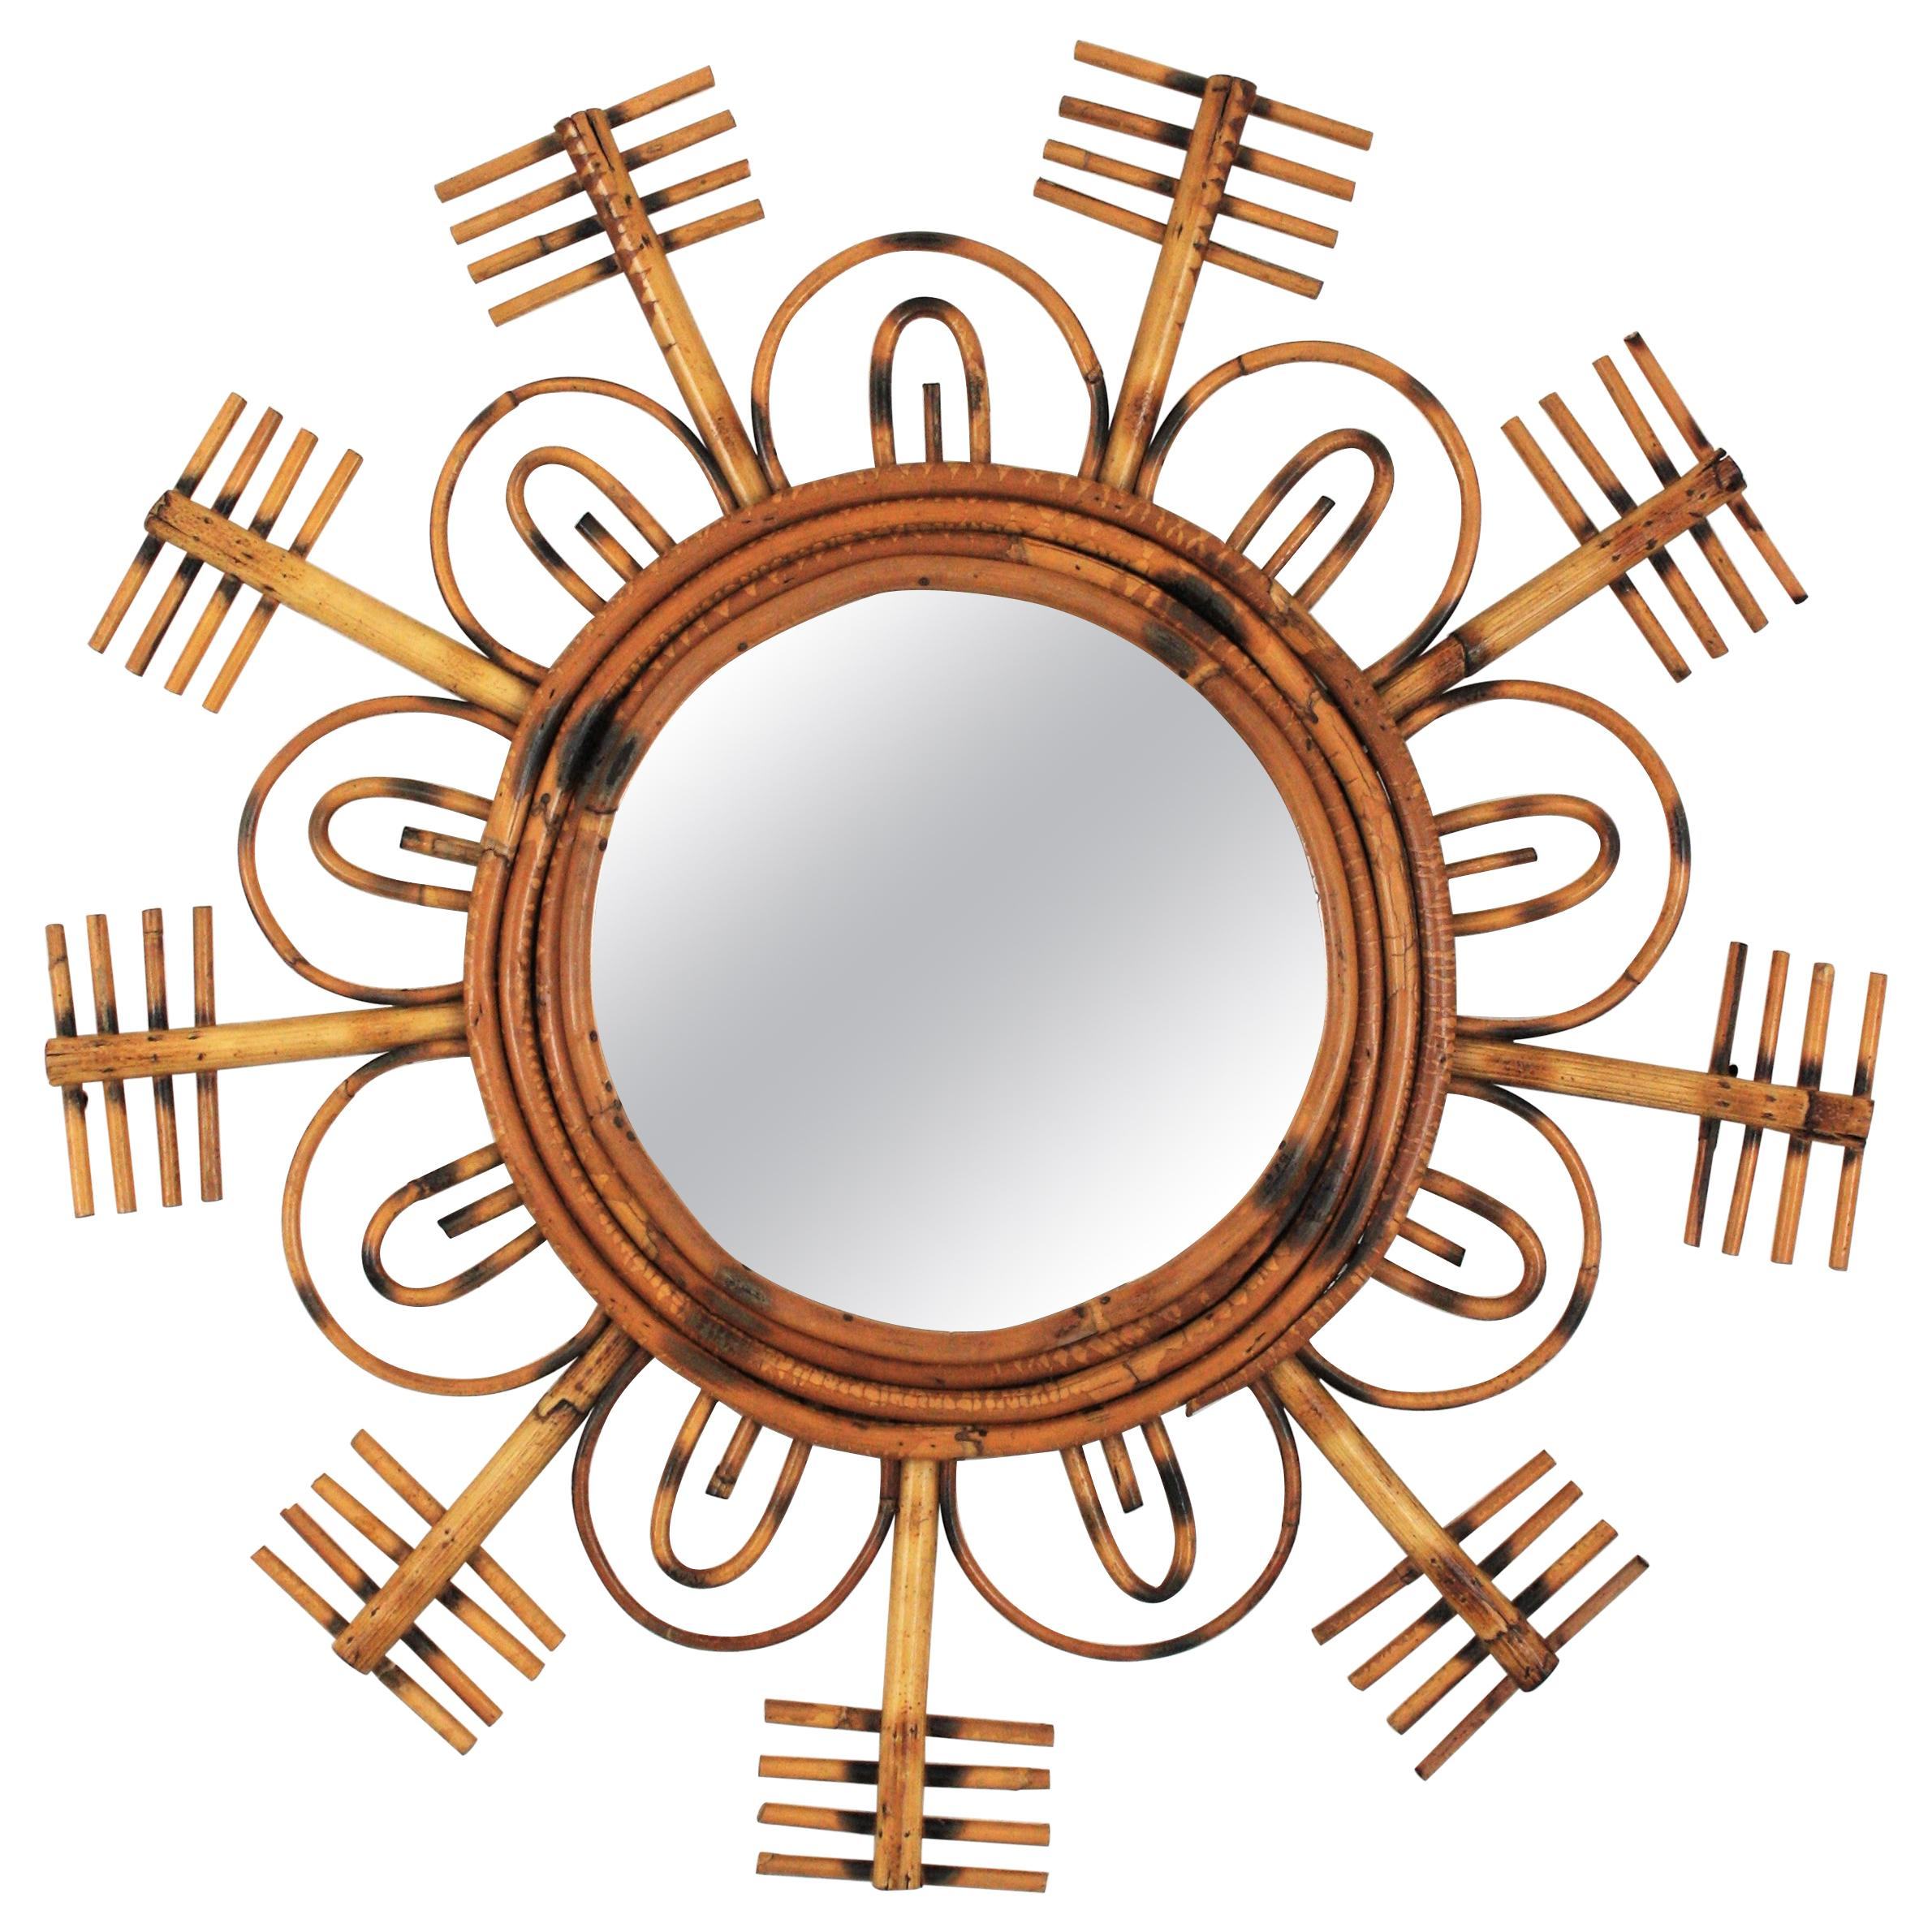 1950s French Riviera Rattan Flower Burst Sunburst Mirror